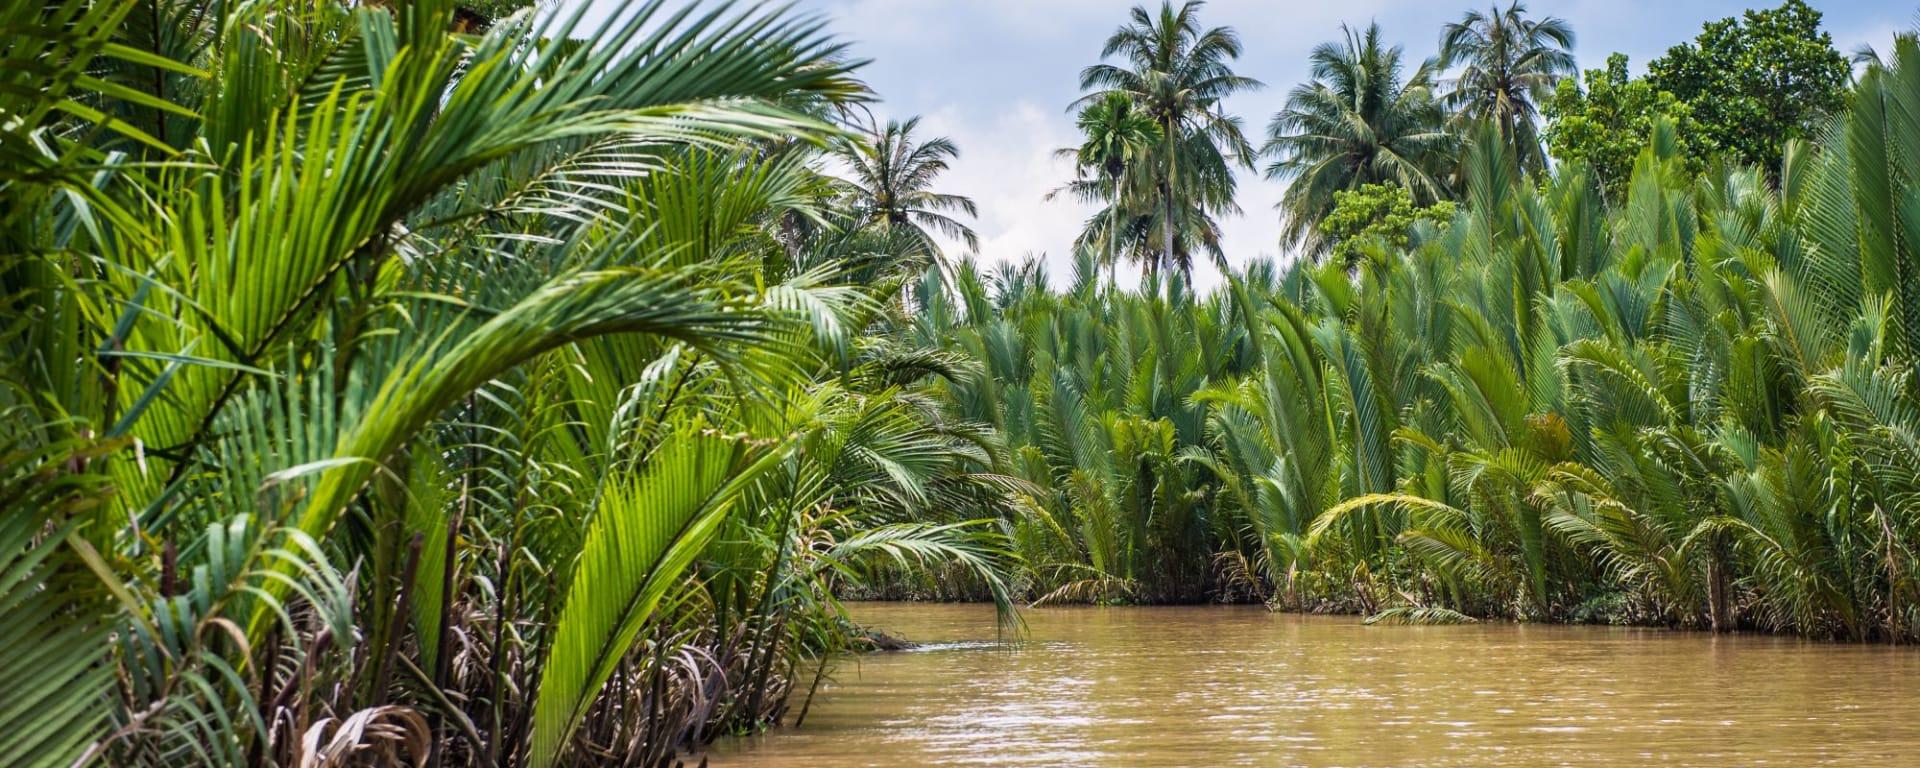 Le delta du Mékong – de Saigon à Phnom Penh: Mekong Delta: Beautiful nature